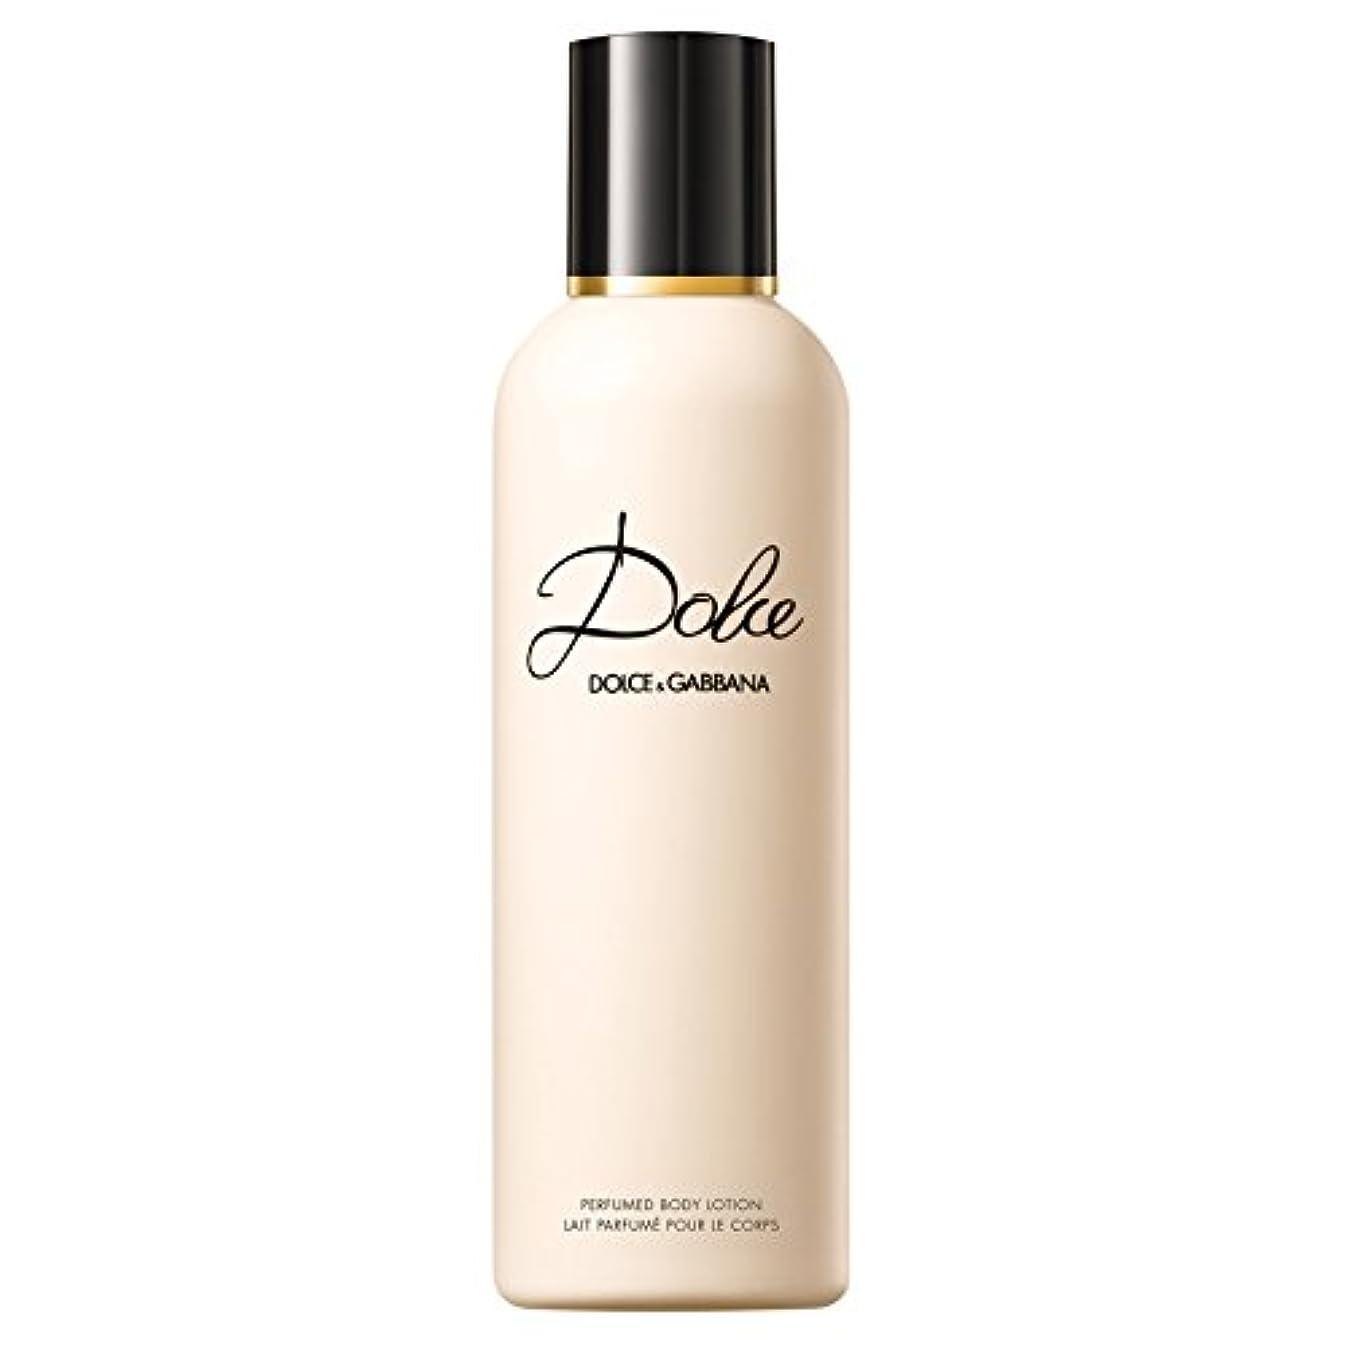 自動接触発火するドルチェ&ガッバーナドルチェのボディローション200ミリリットル (Dolce & Gabbana) - Dolce & Gabbana Dolce Body Lotion 200ml [並行輸入品]